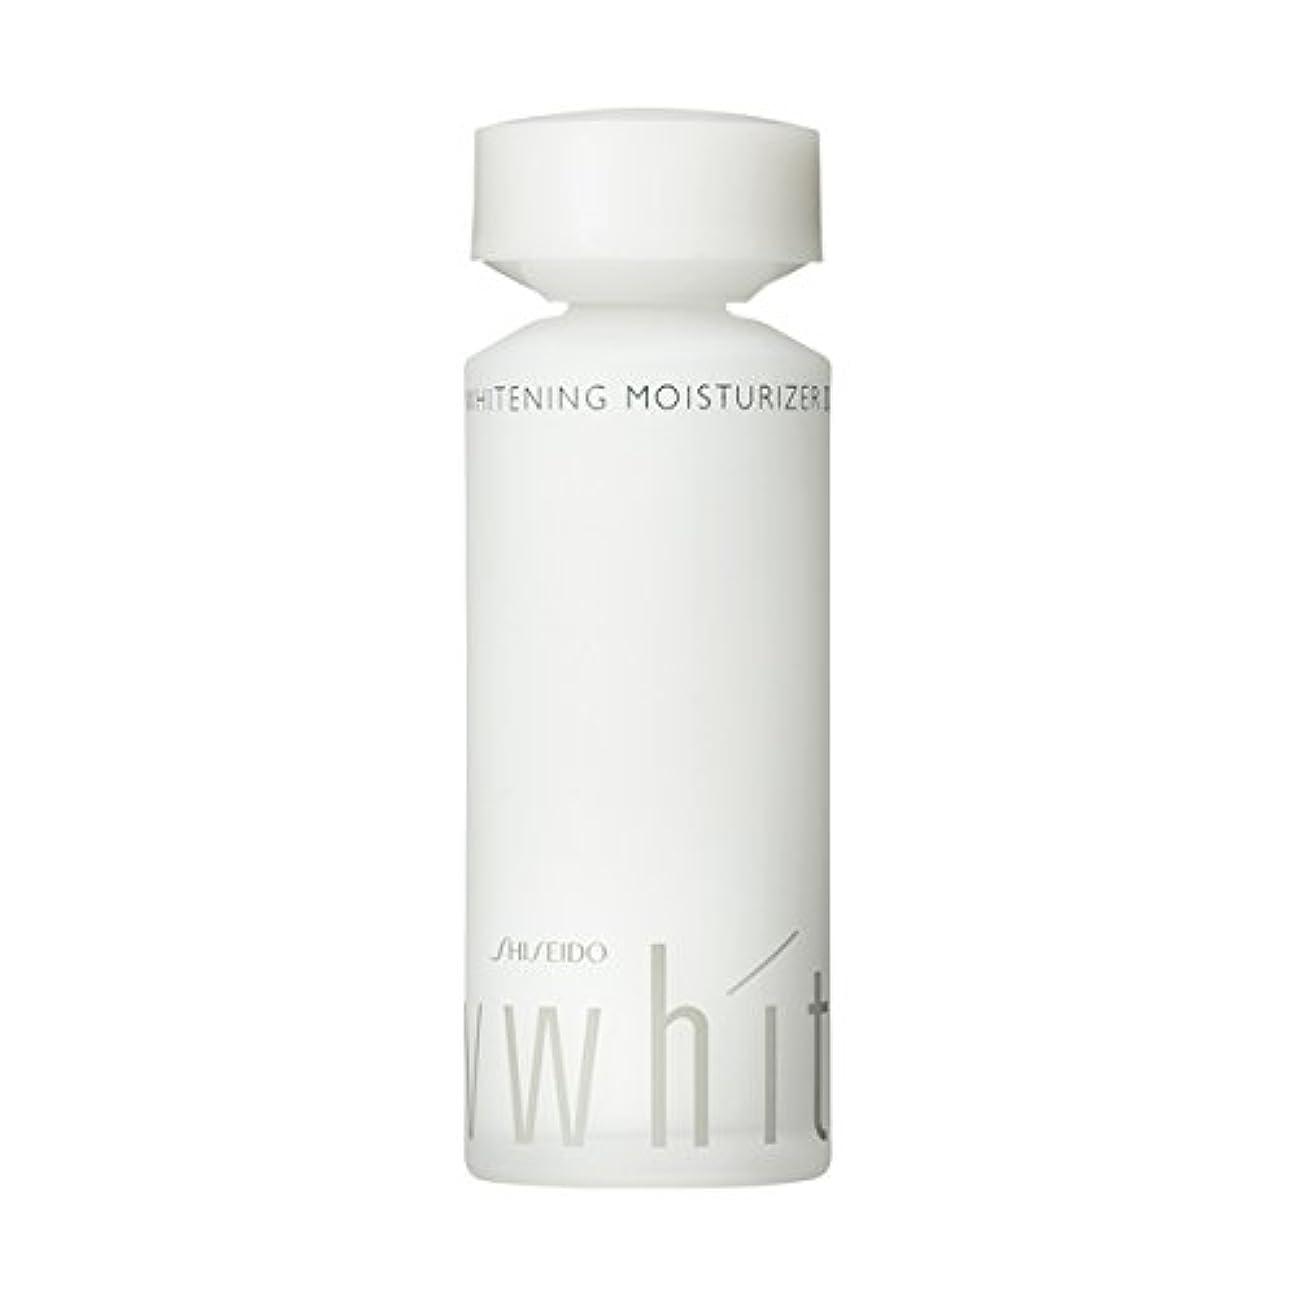 栄養喉頭仲人UVホワイト ホワイトニング モイスチャーライザー 2 100mL 【医薬部外品】